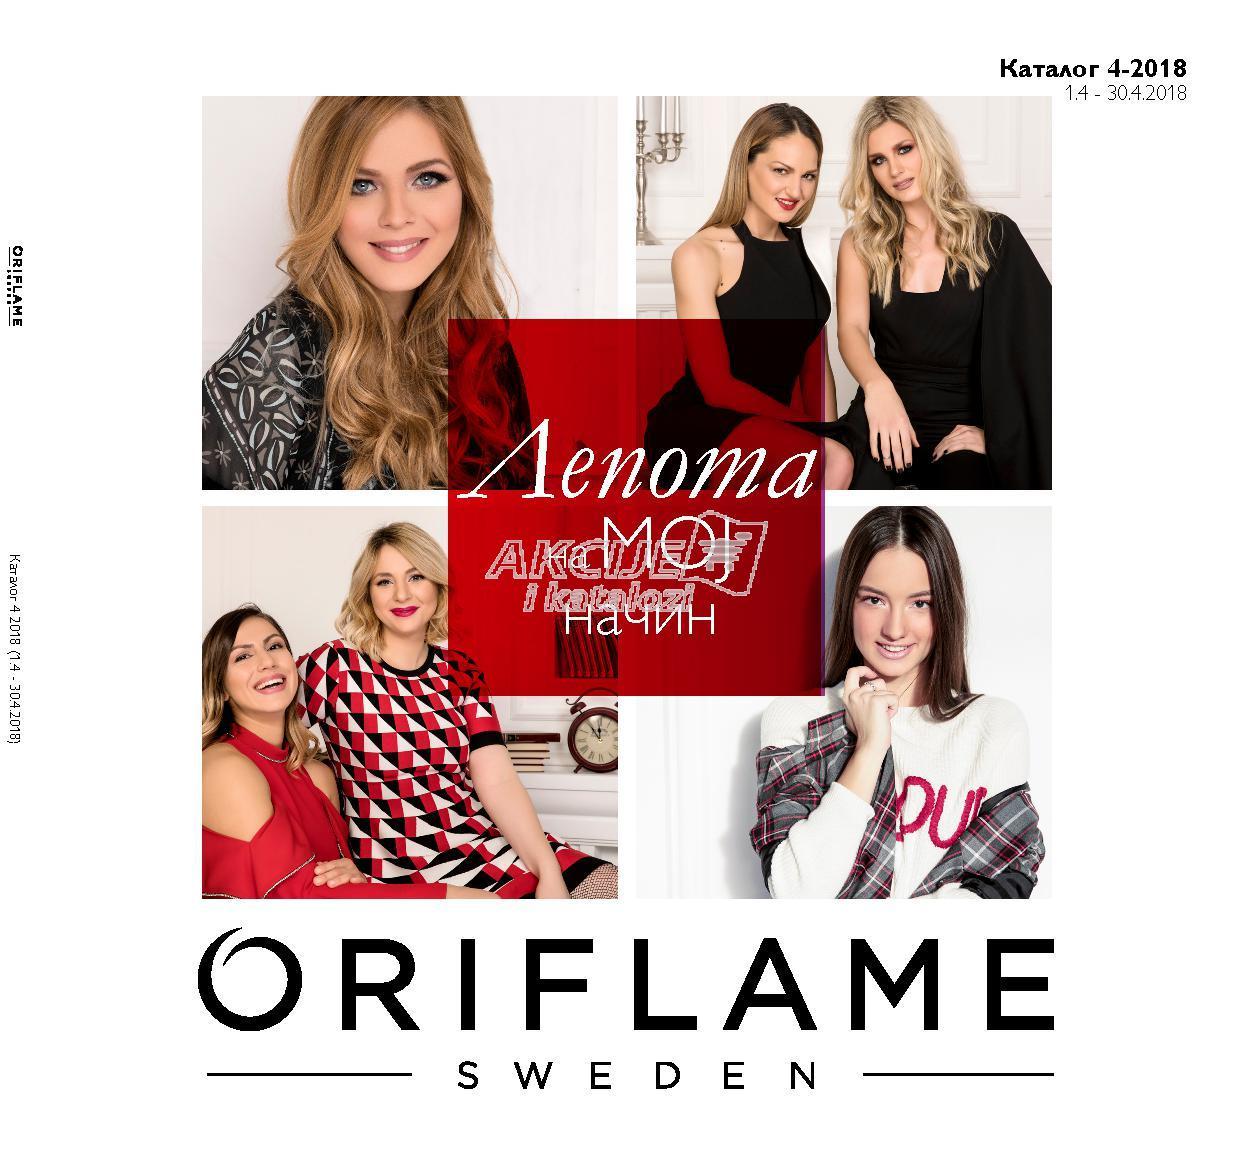 Oriflame - Redovna akcija aprilske kupovine